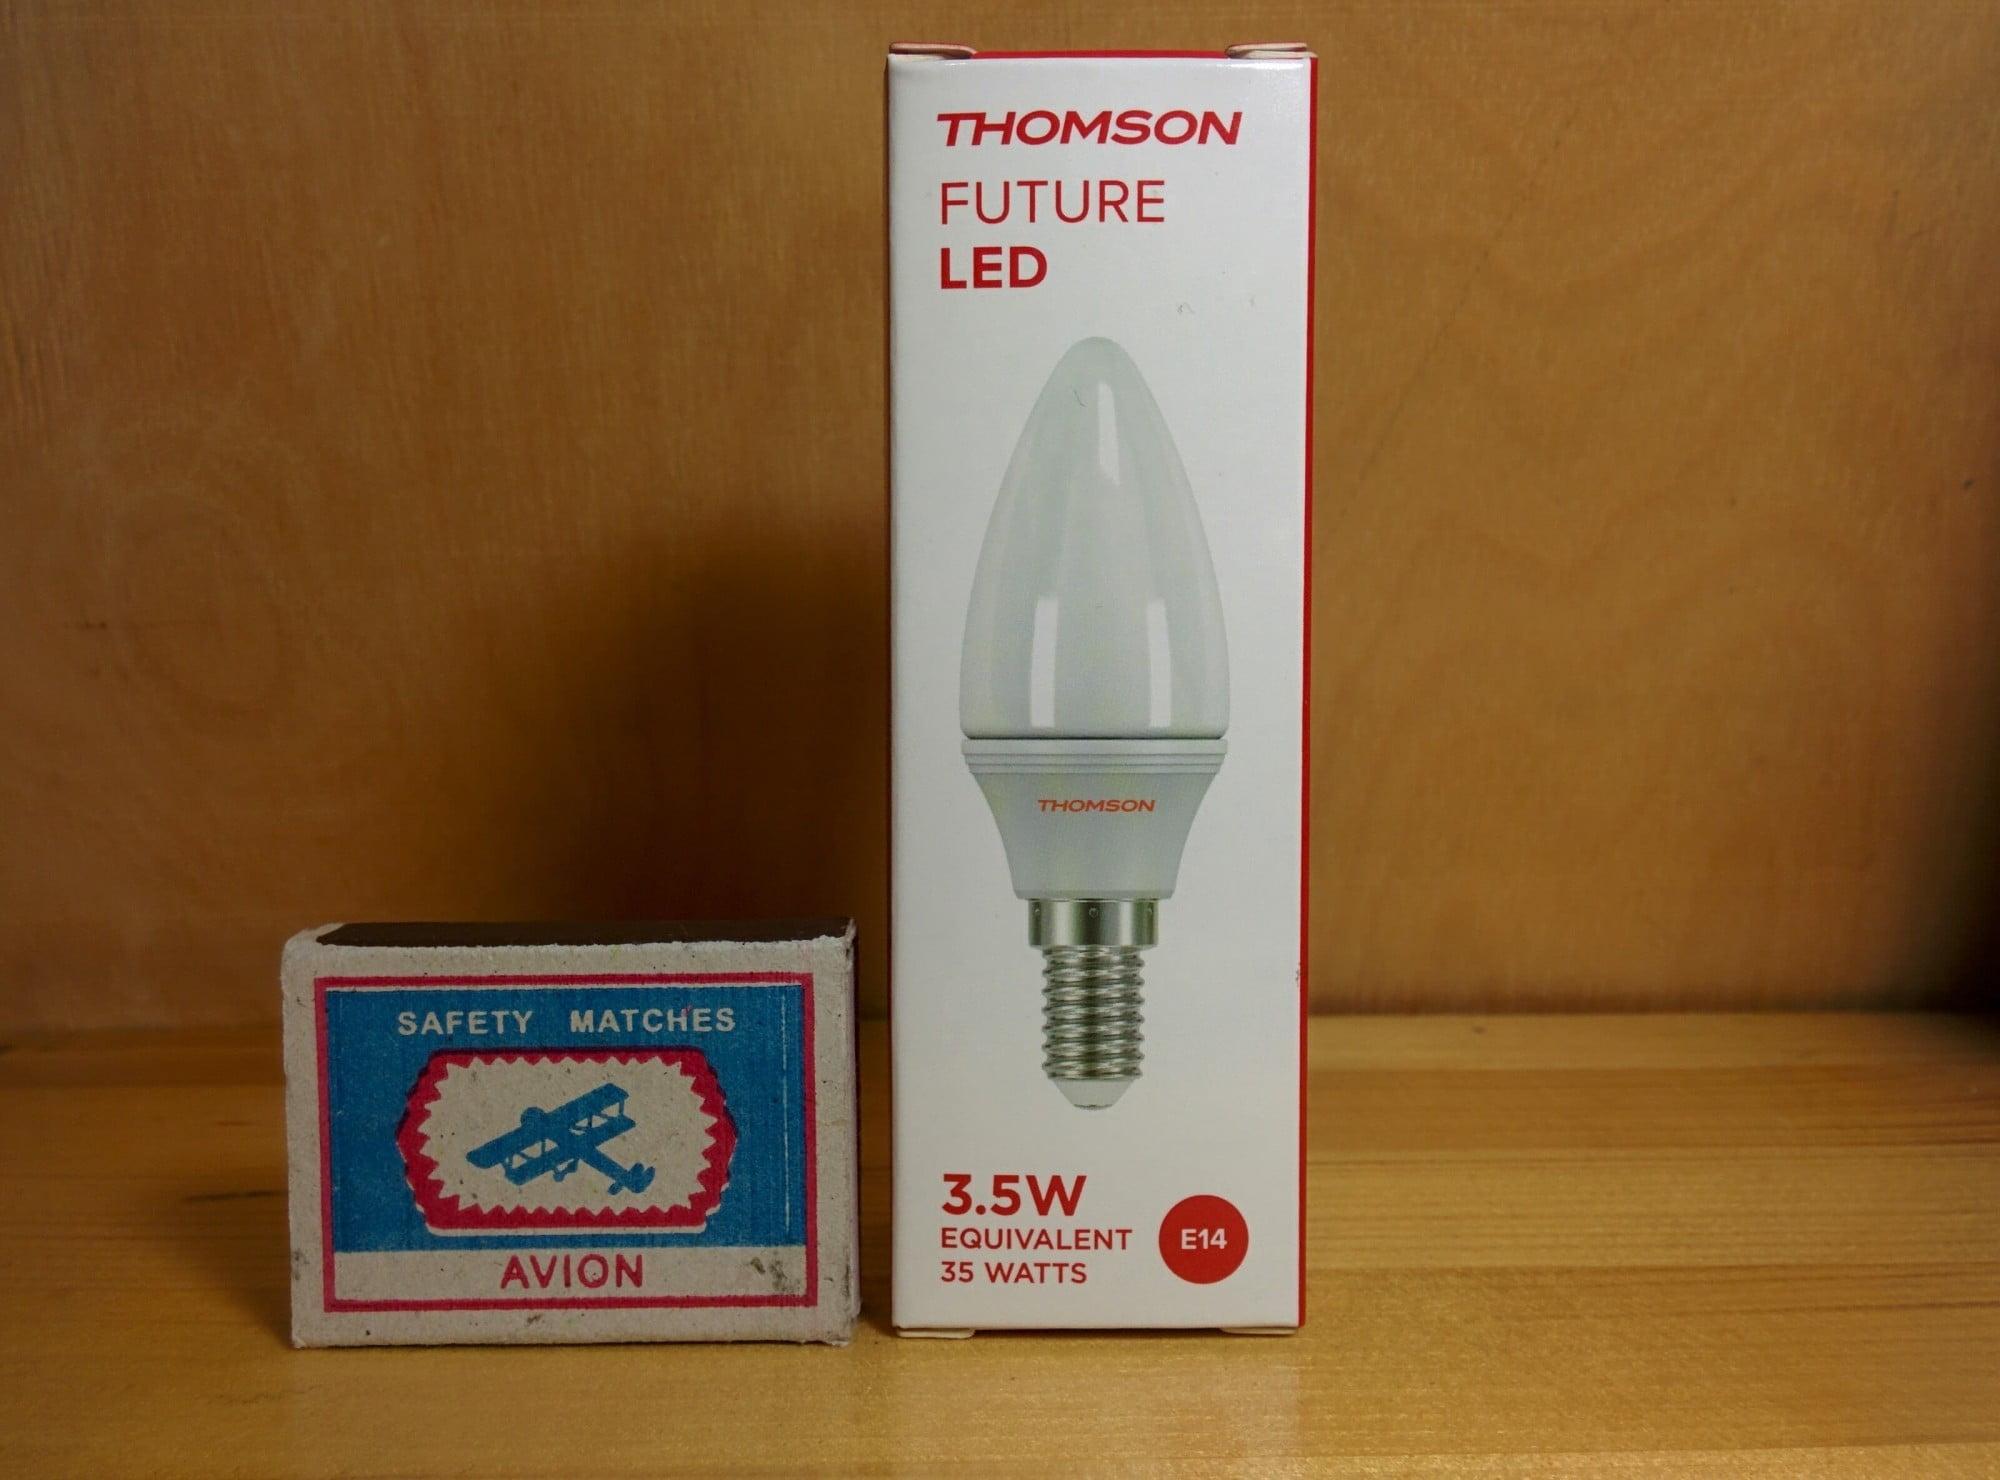 Thomson TL-35W-A1 упаковка